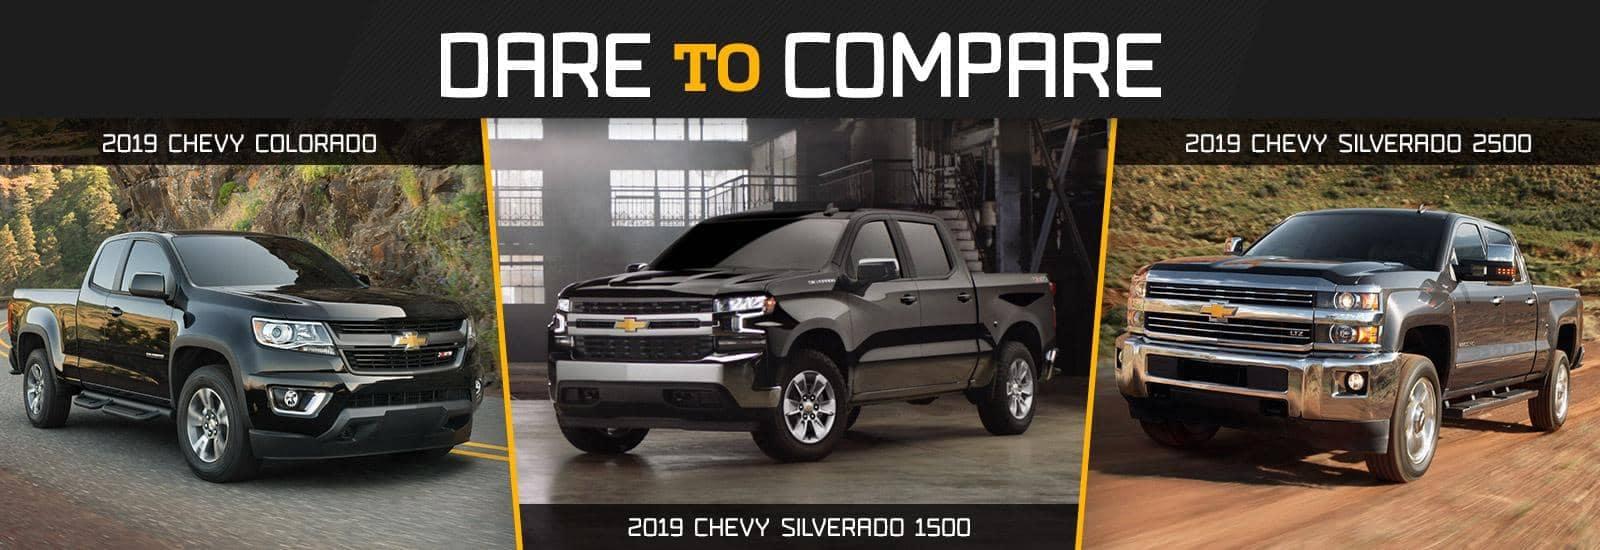 truck comparison